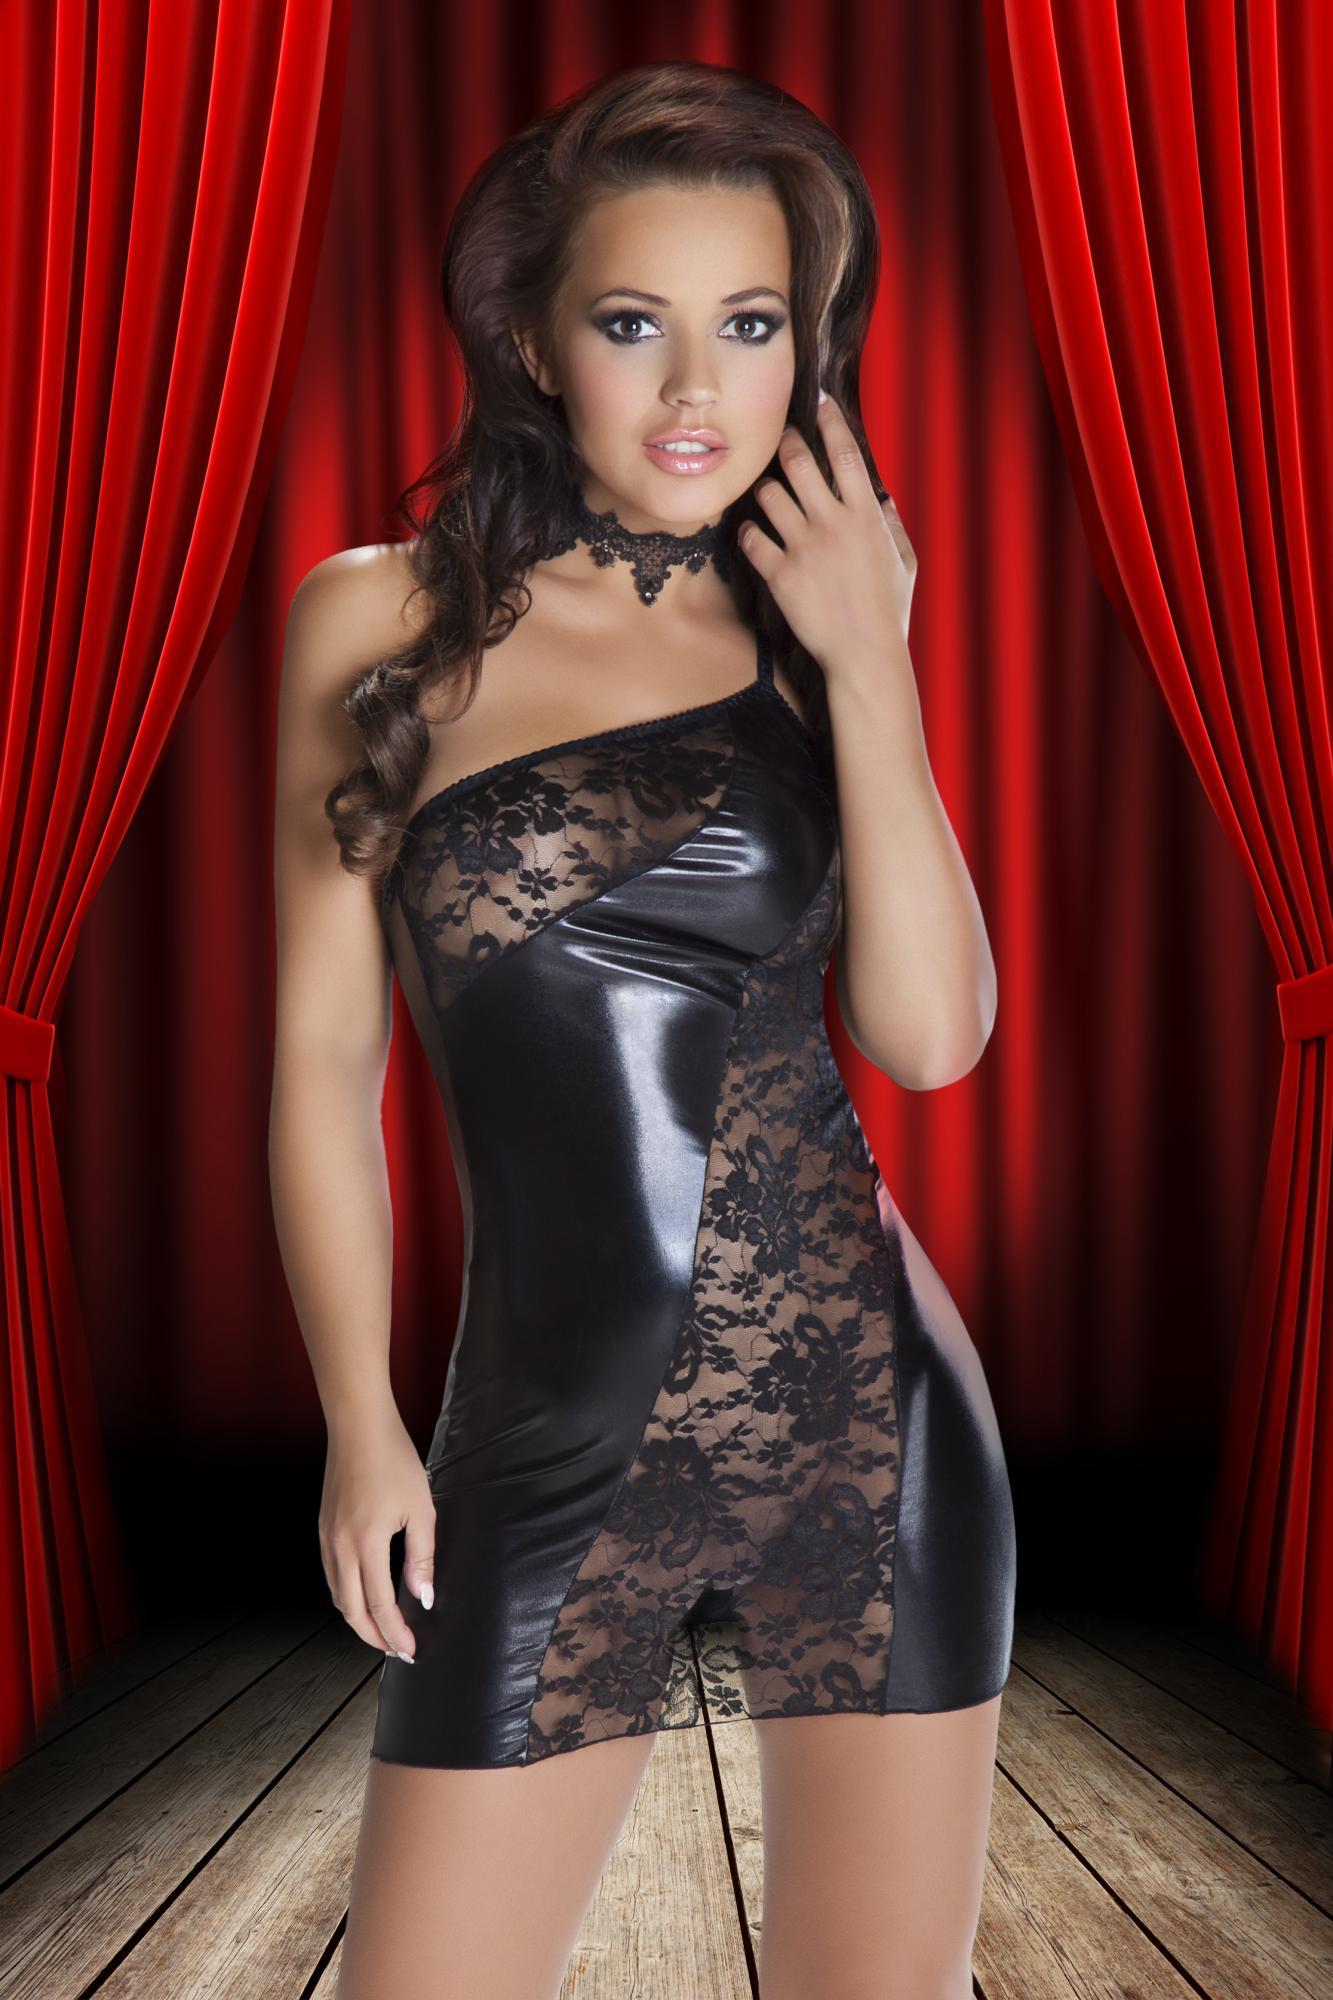 Экстравагантное платье порно 19 фотография